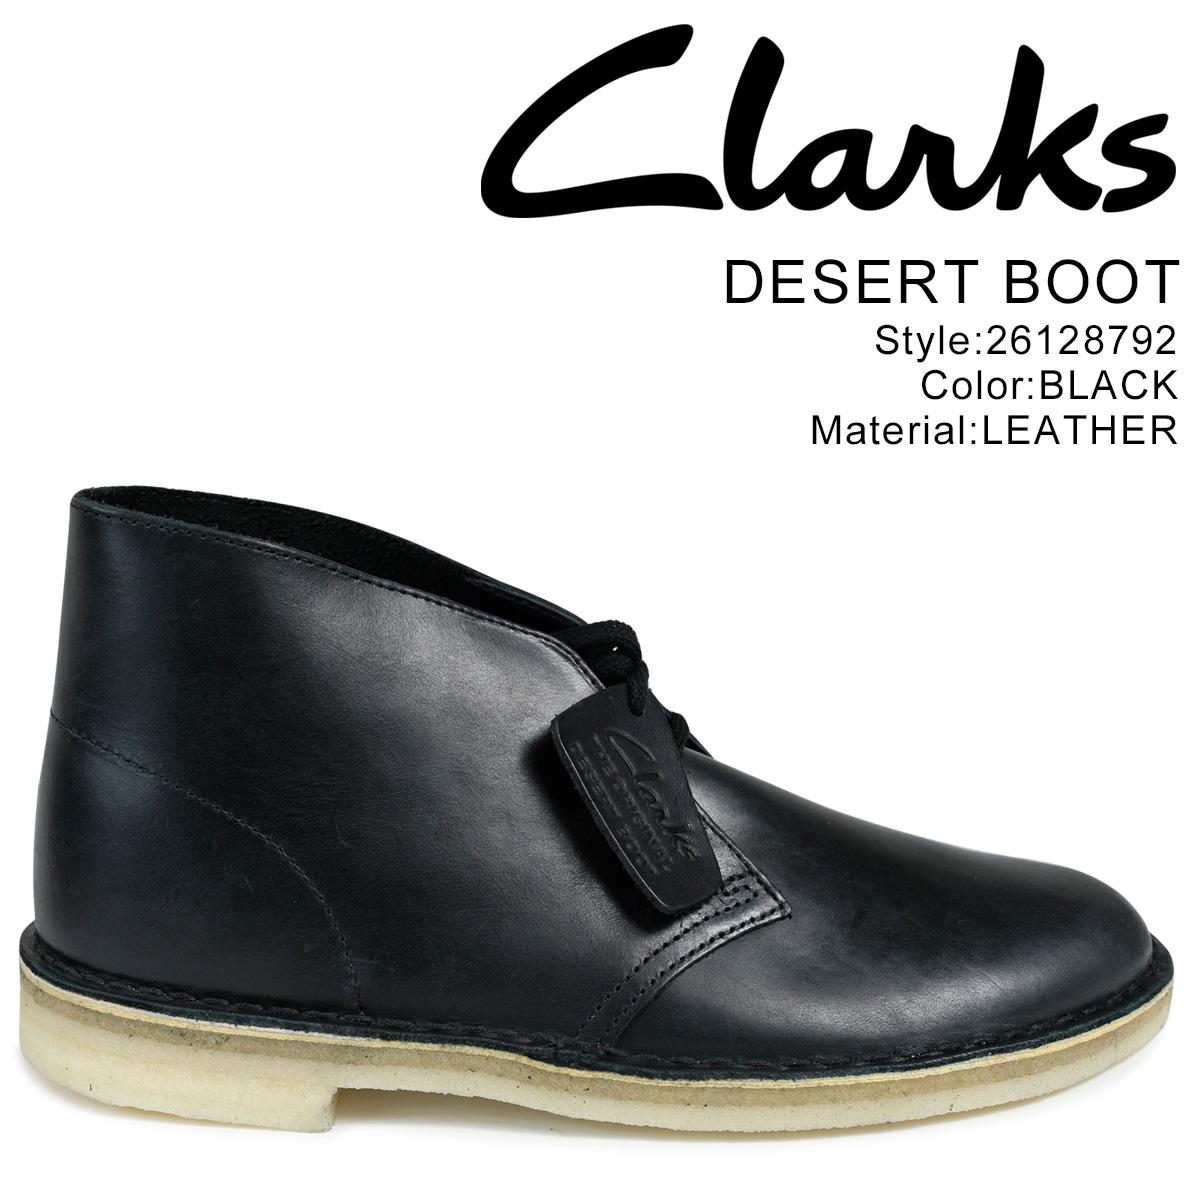 Clarks デザートブーツ クラークス メンズ DESERT BOOT 26128792 レザー 靴 ブラック 黒